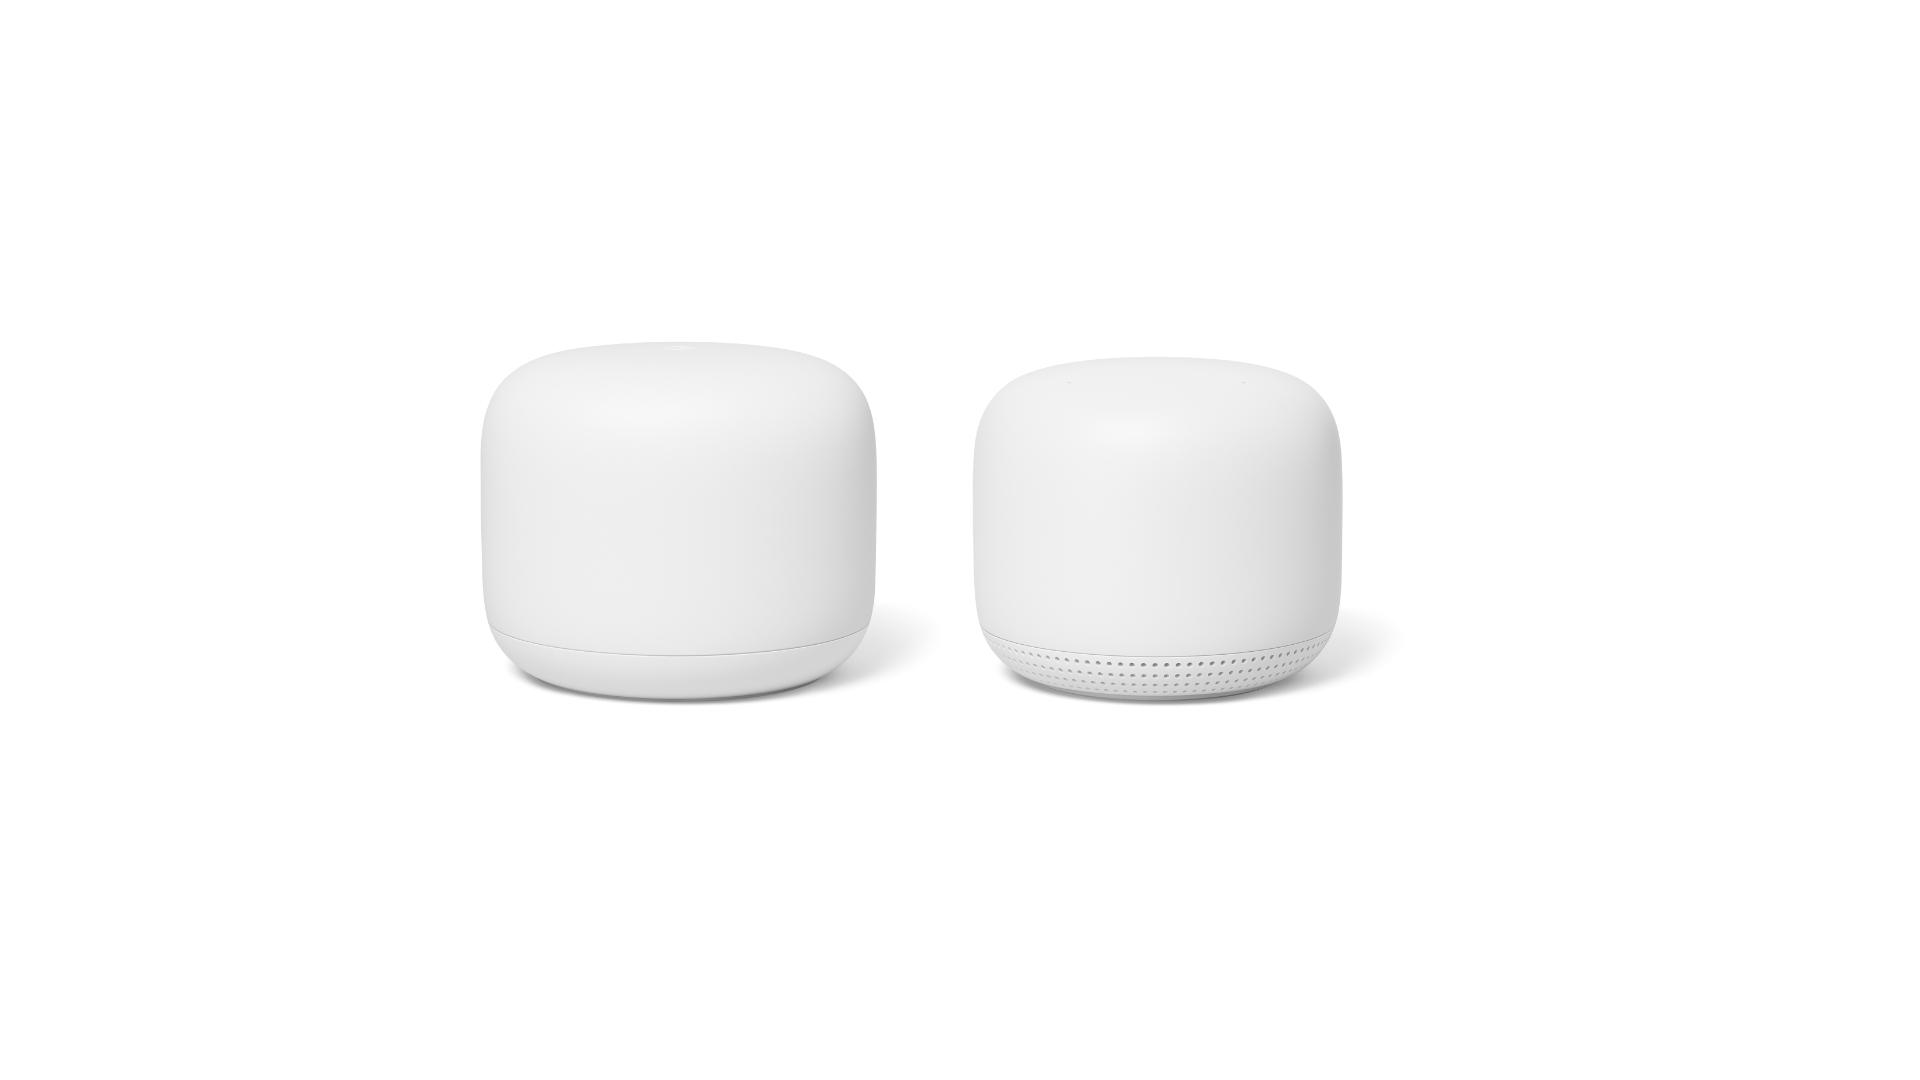 Nouveaux routeurs Nest Wifi : Google bouscule une formule qui marche, pour le meilleur ?